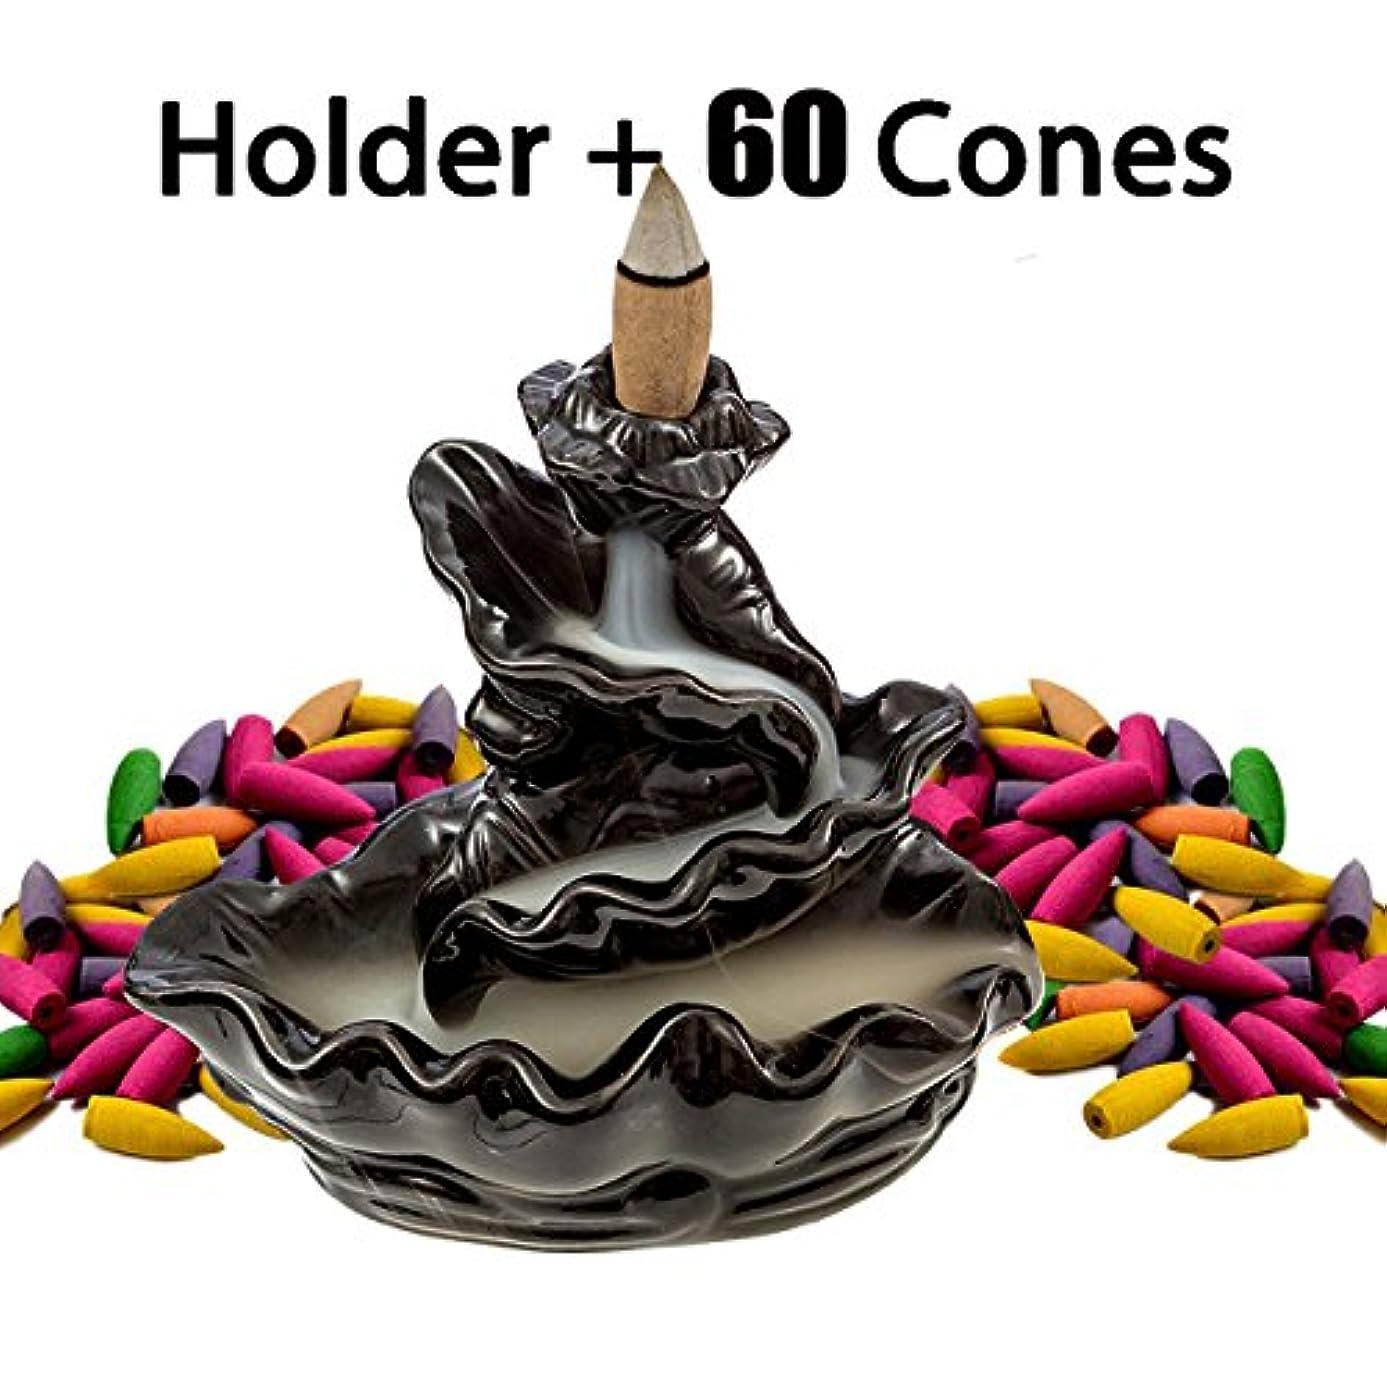 アストロラーベ絶壁両方DELIWAYセラミックお香逆流ホルダー、さまざまなミックス香りつきIncense Cones and Burner/香炉セット ブラック DLW-HGIH-02